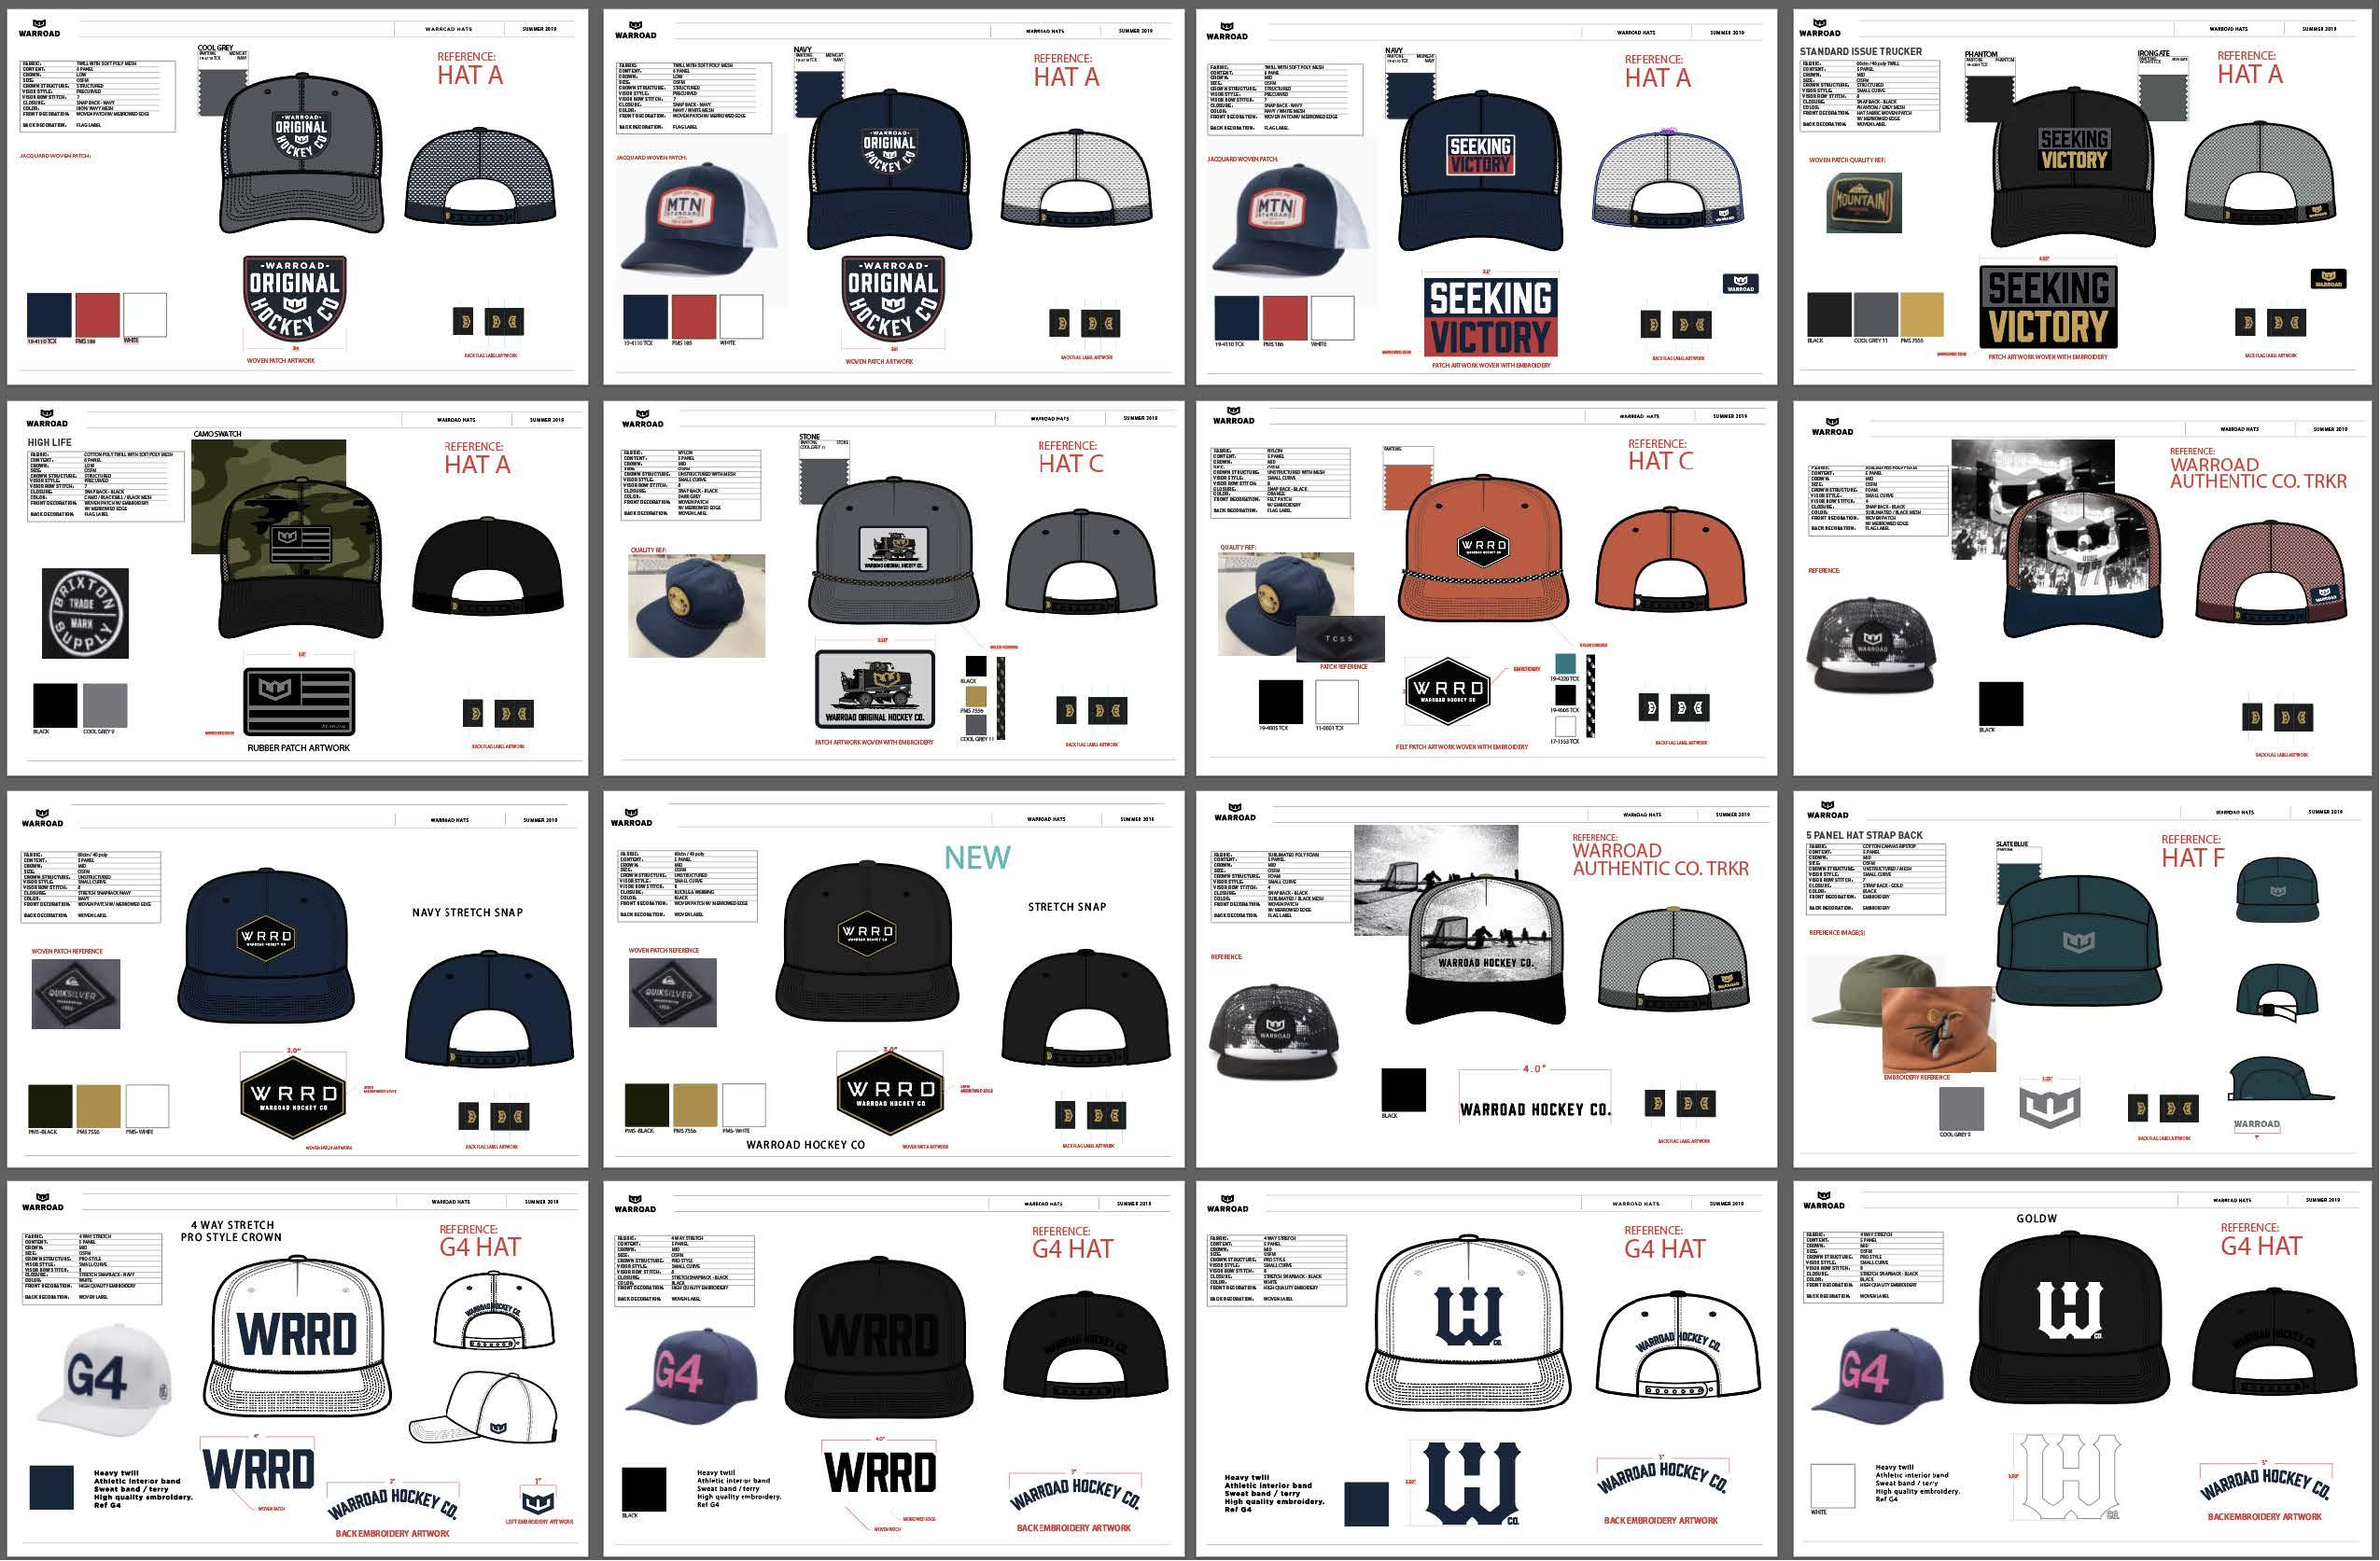 Warroad hat tech packs